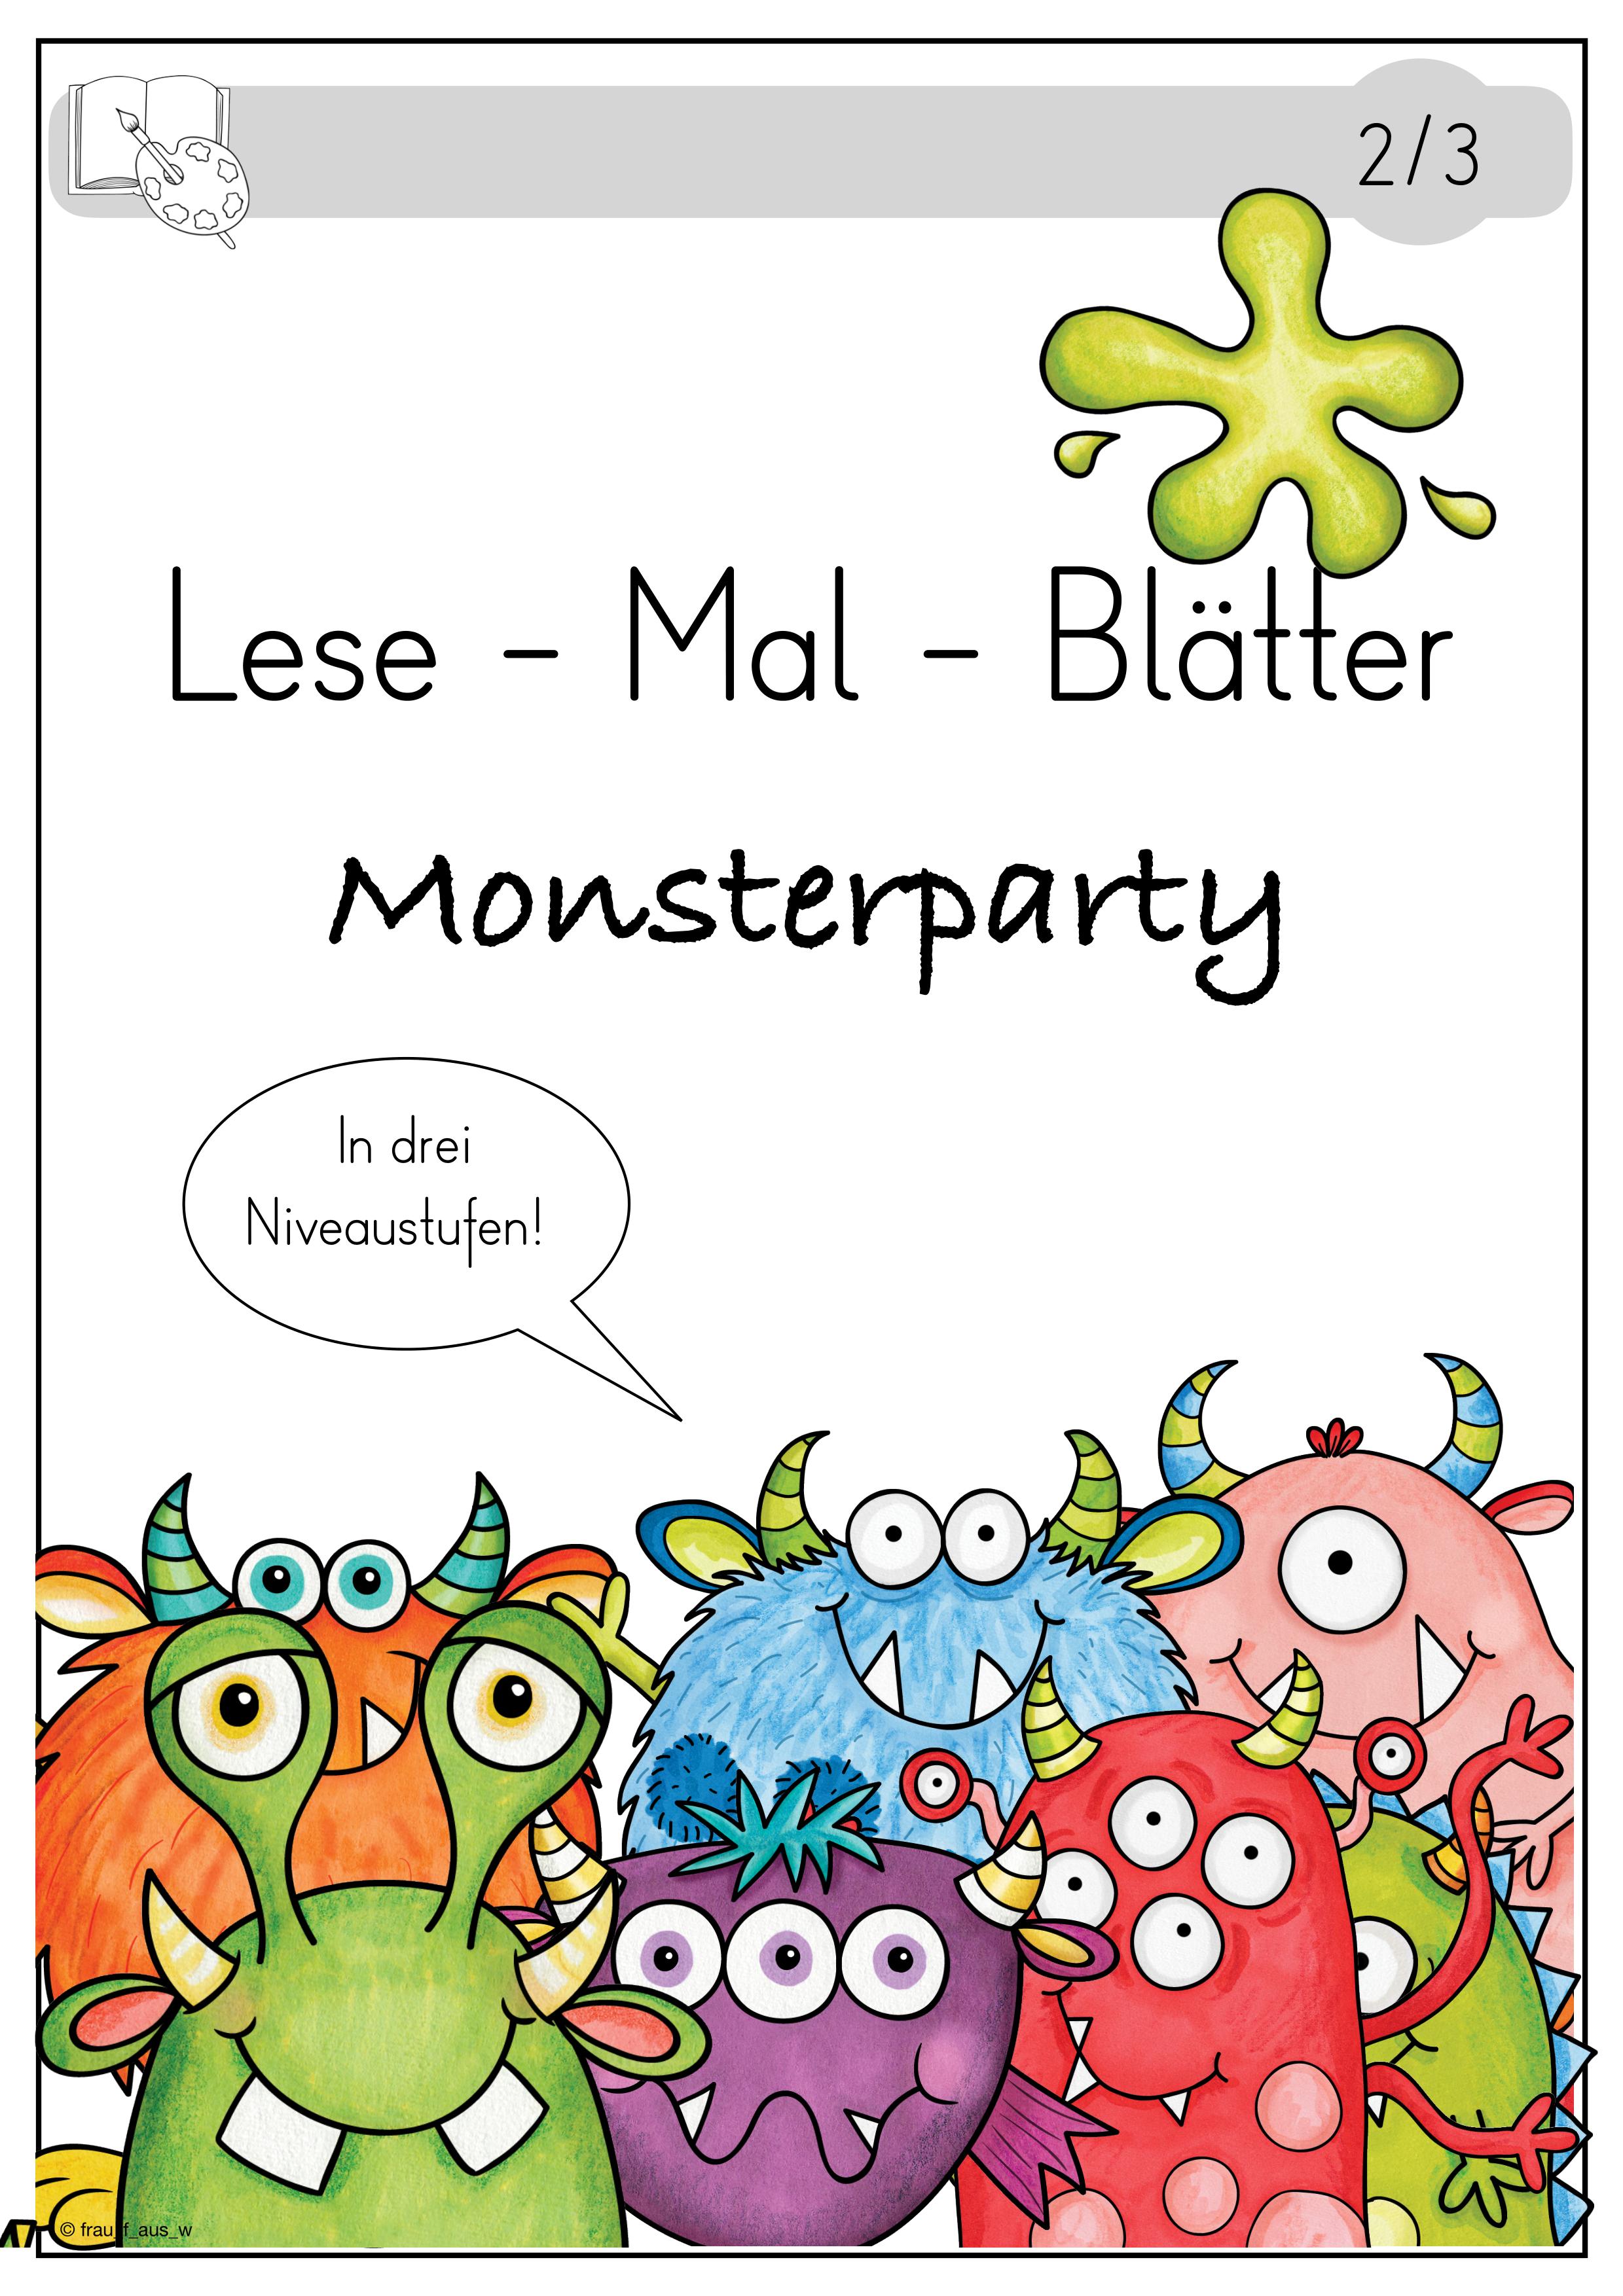 lesemalblätter monsterparty 3fach differenziert